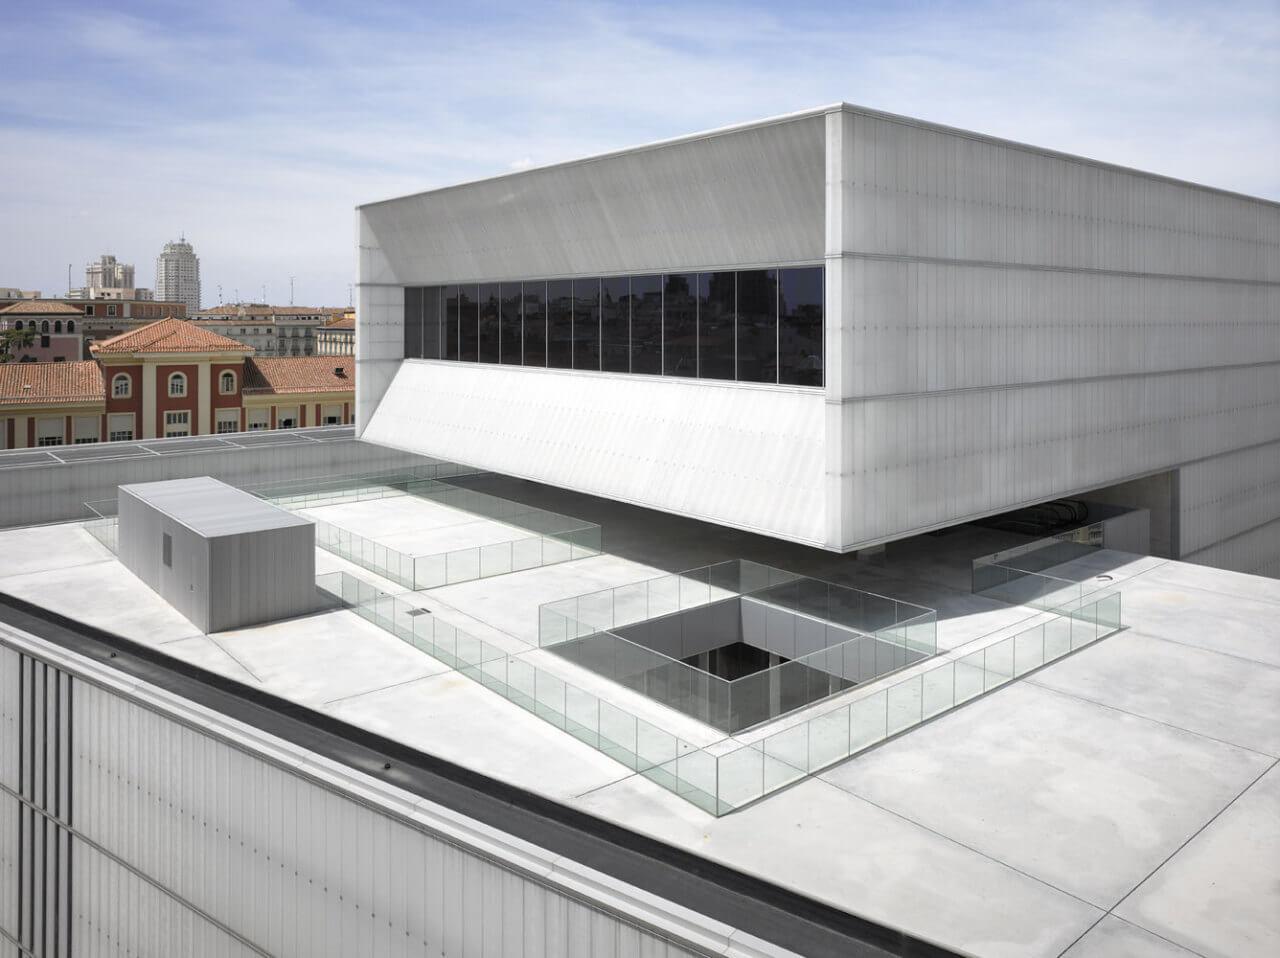 Nieto Sobejano Arquitectos premiado com a Alvar Aalto Medal 2015